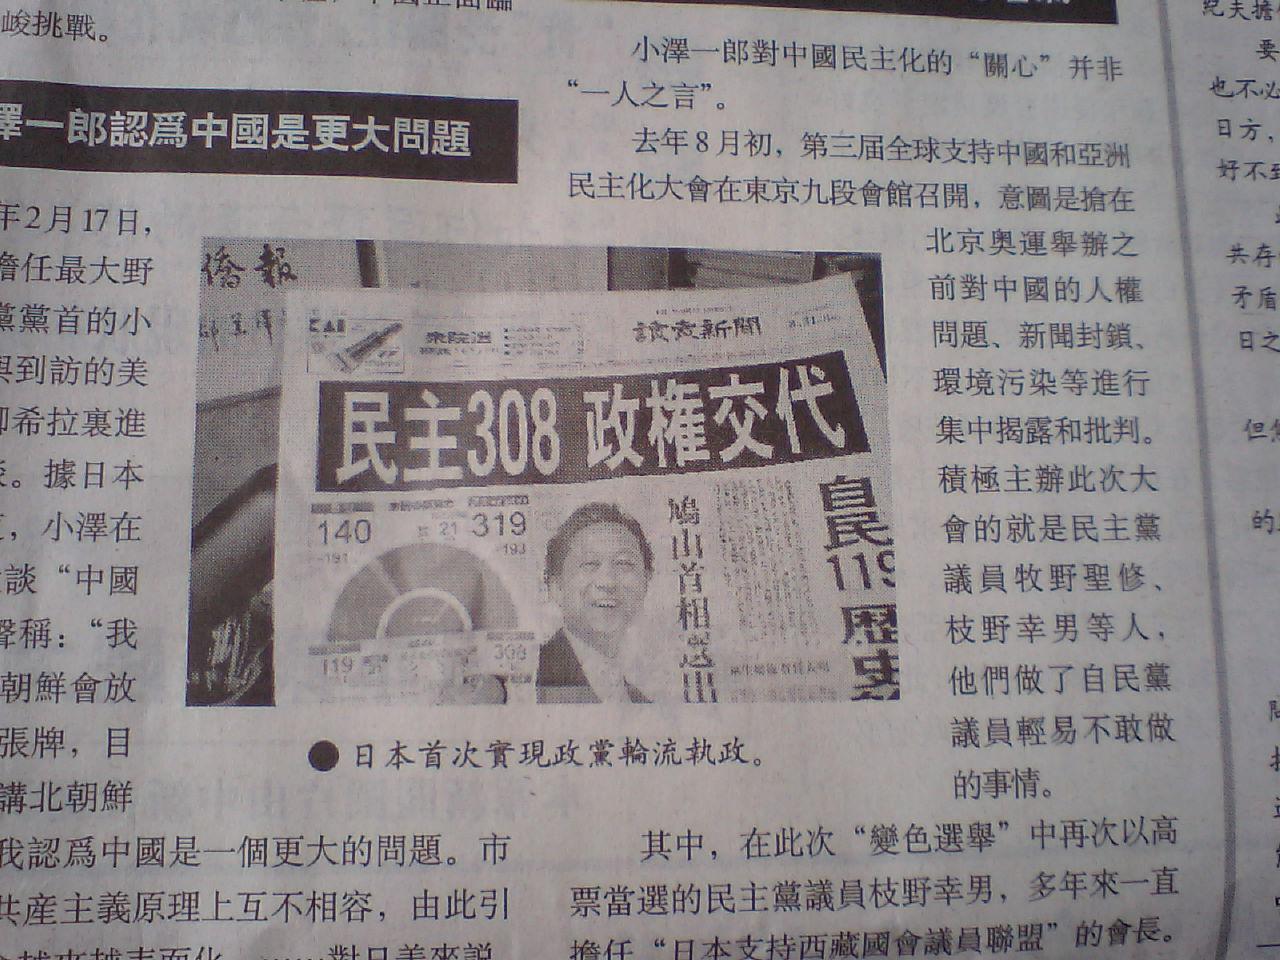 中国新聞社より配信された写真 在日中国人新聞「新華時報」に掲載_d0027795_8263170.jpg